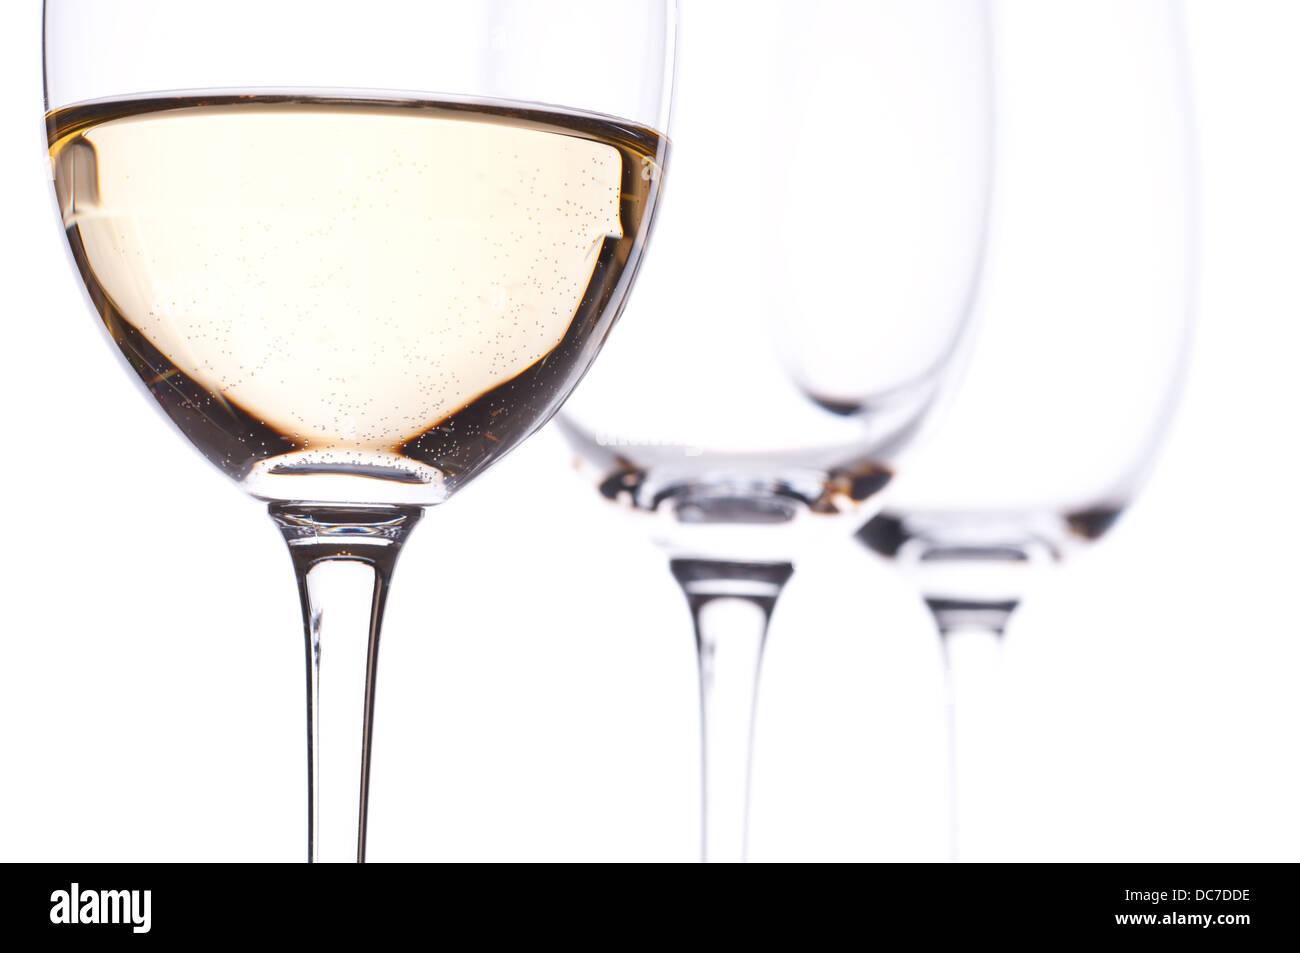 Tres vasos con vino blanco en la retroiluminación con fondo blanco. Imagen De Stock